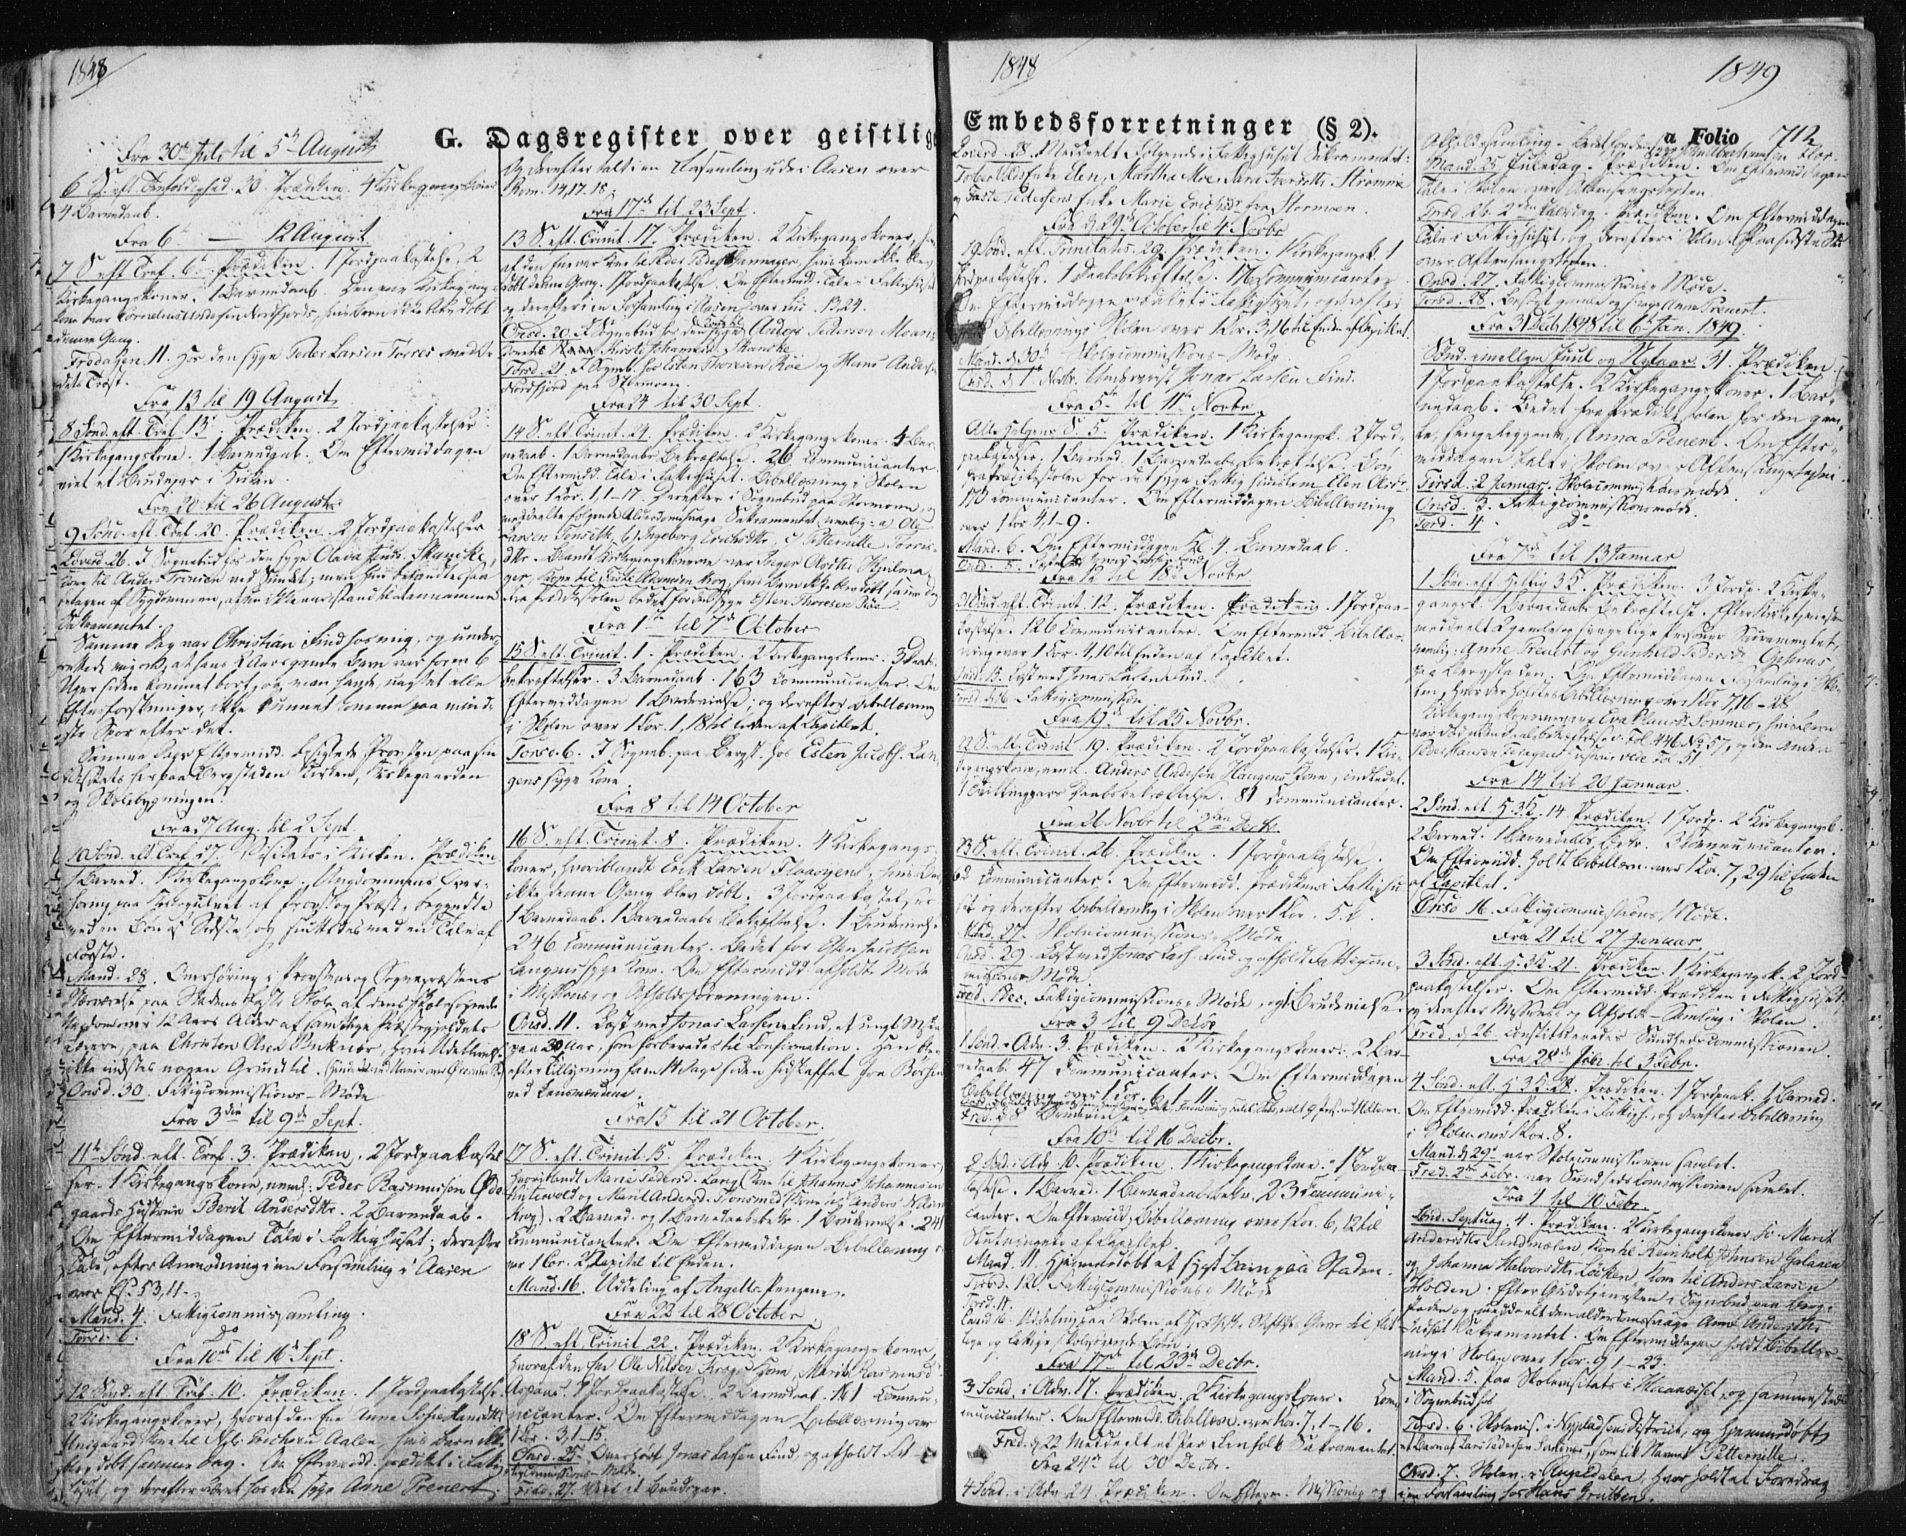 SAT, Ministerialprotokoller, klokkerbøker og fødselsregistre - Sør-Trøndelag, 681/L0931: Ministerialbok nr. 681A09, 1845-1859, s. 712